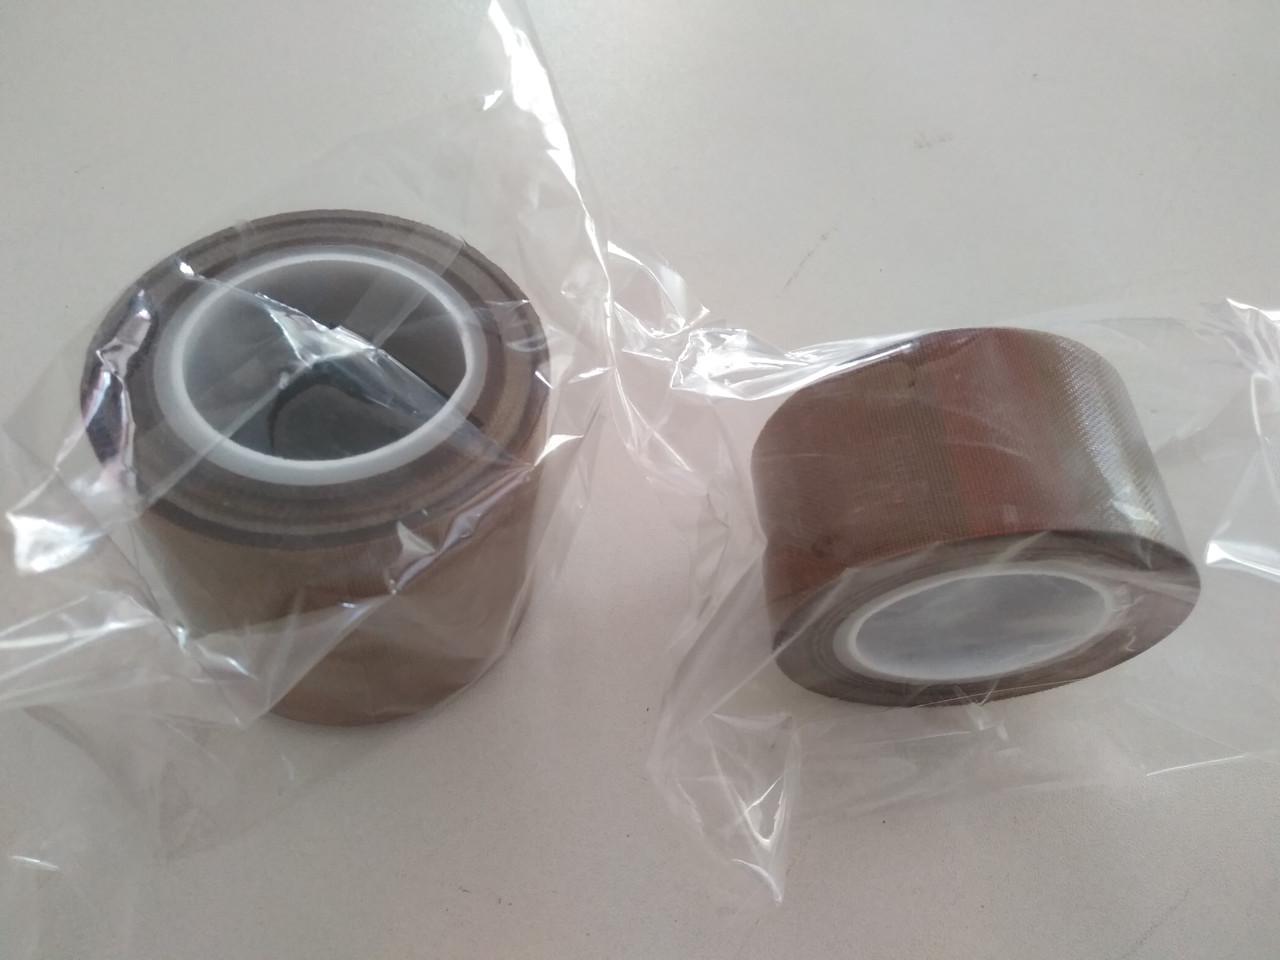 Тефлоновая лента в скотч-ролике 10 м, ширина 12 мм и другие:20 мм, 25 мм, 30 мм, 50 мм 20